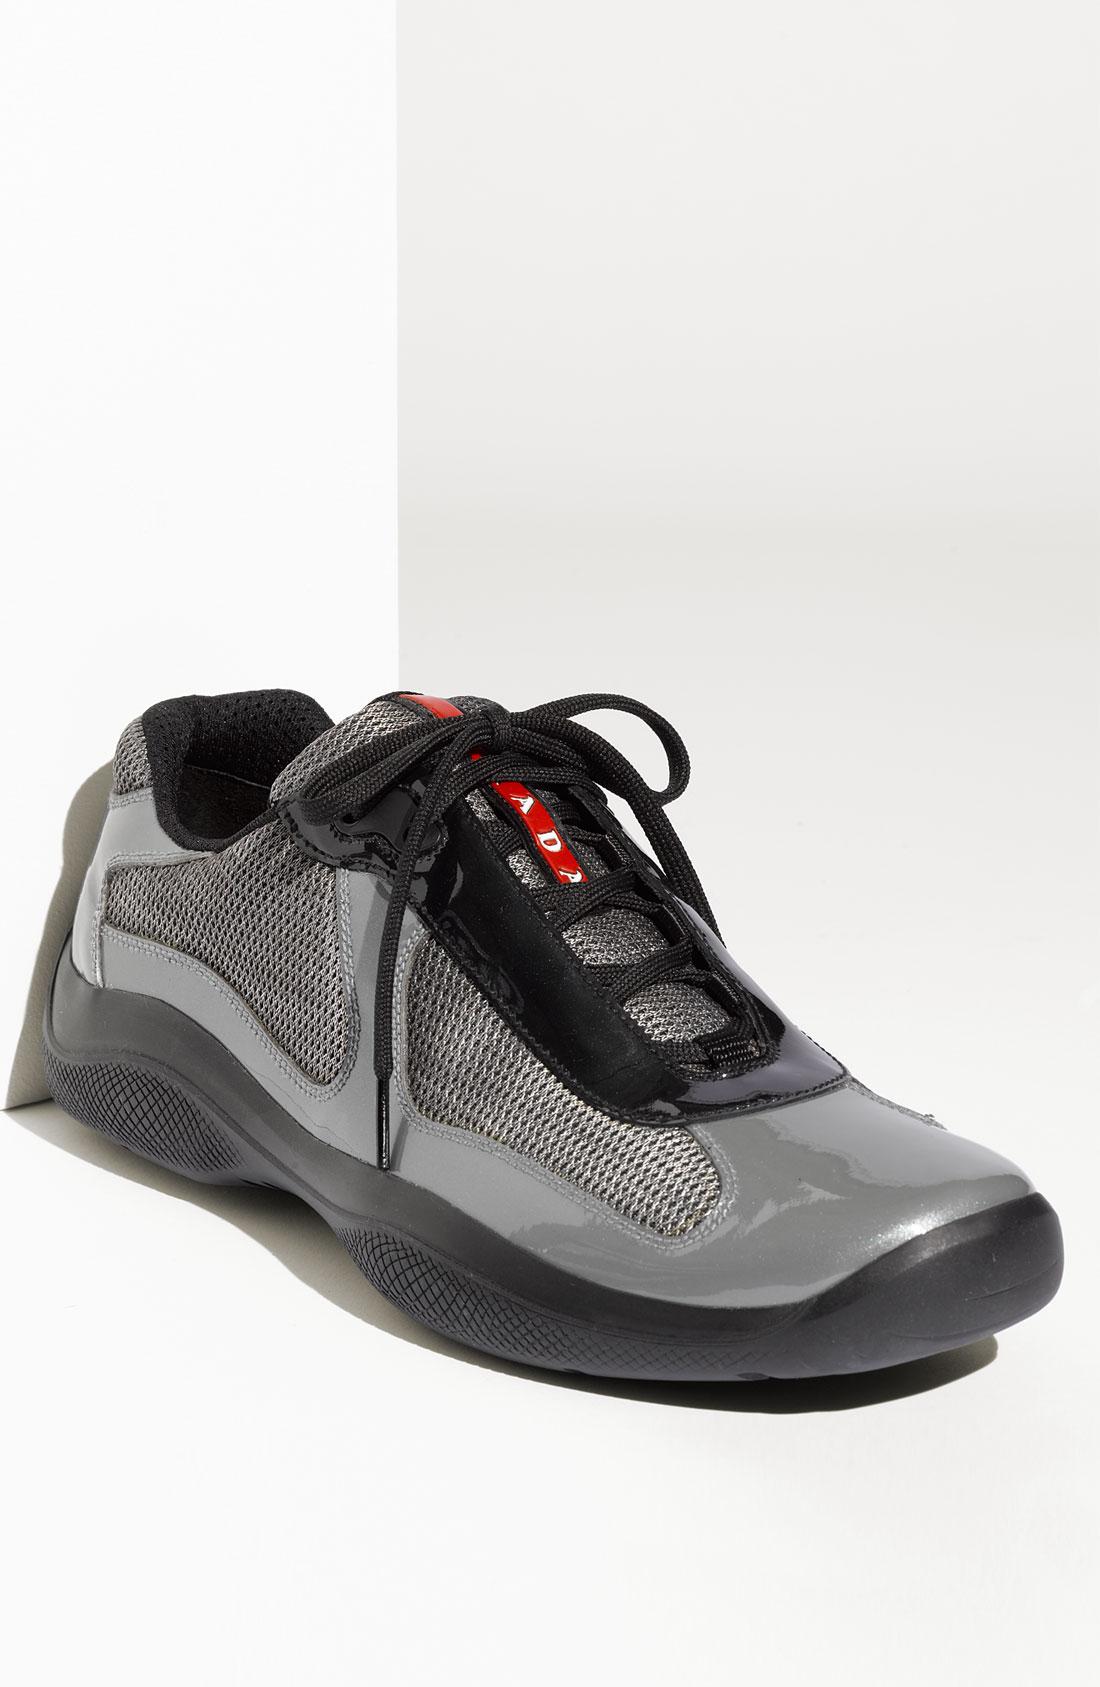 Prada Americas Cup Mens Shoes